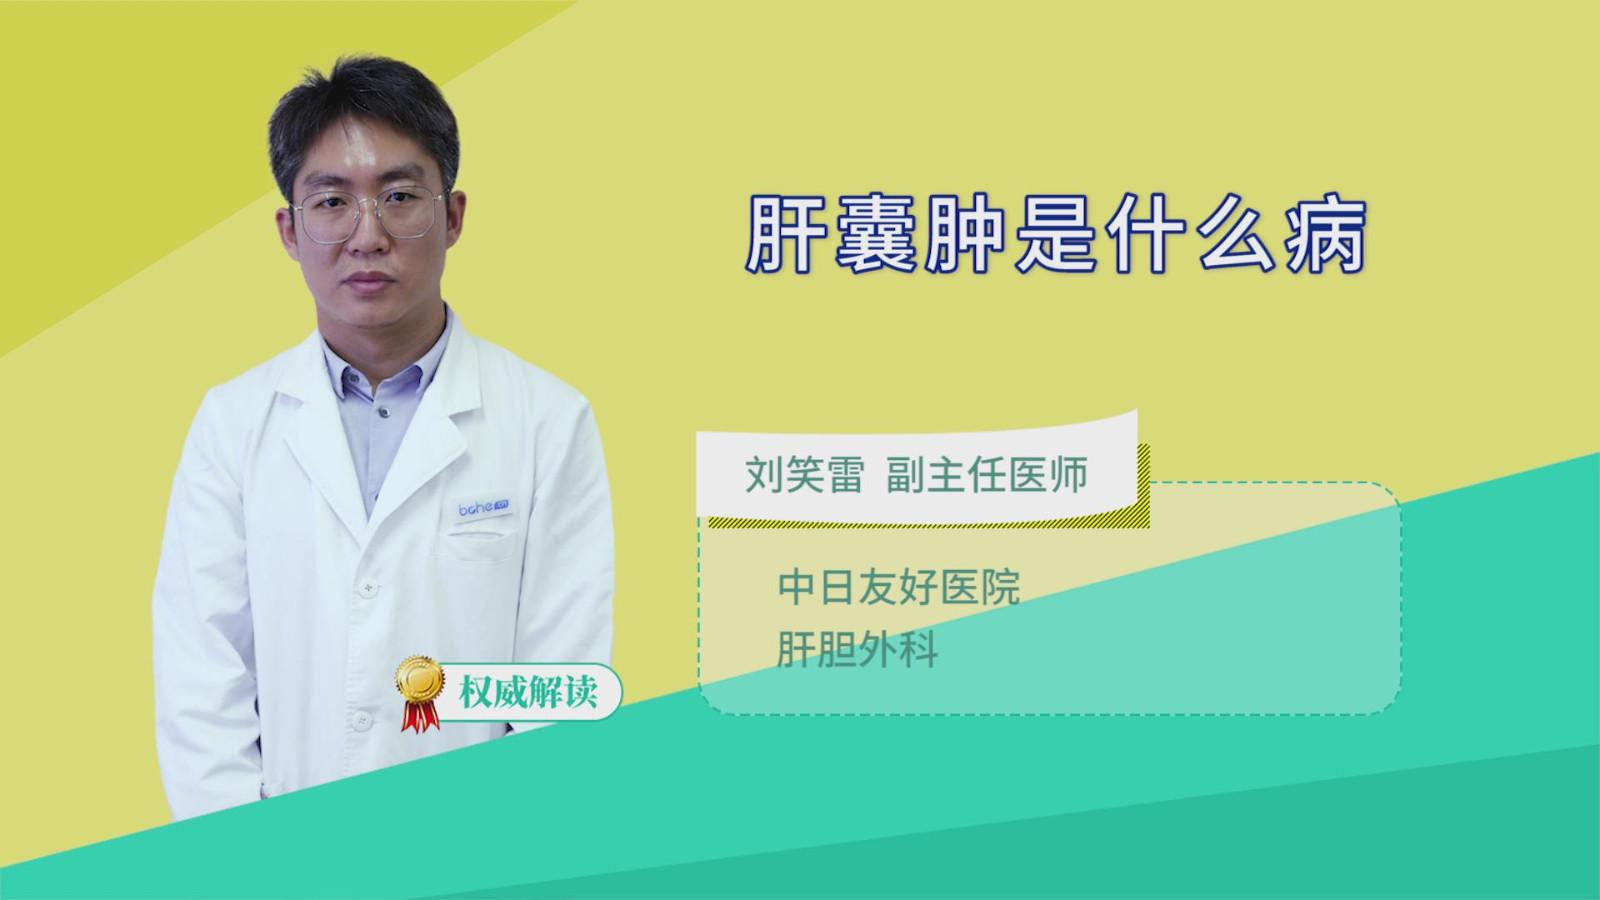 肝囊肿是什么病